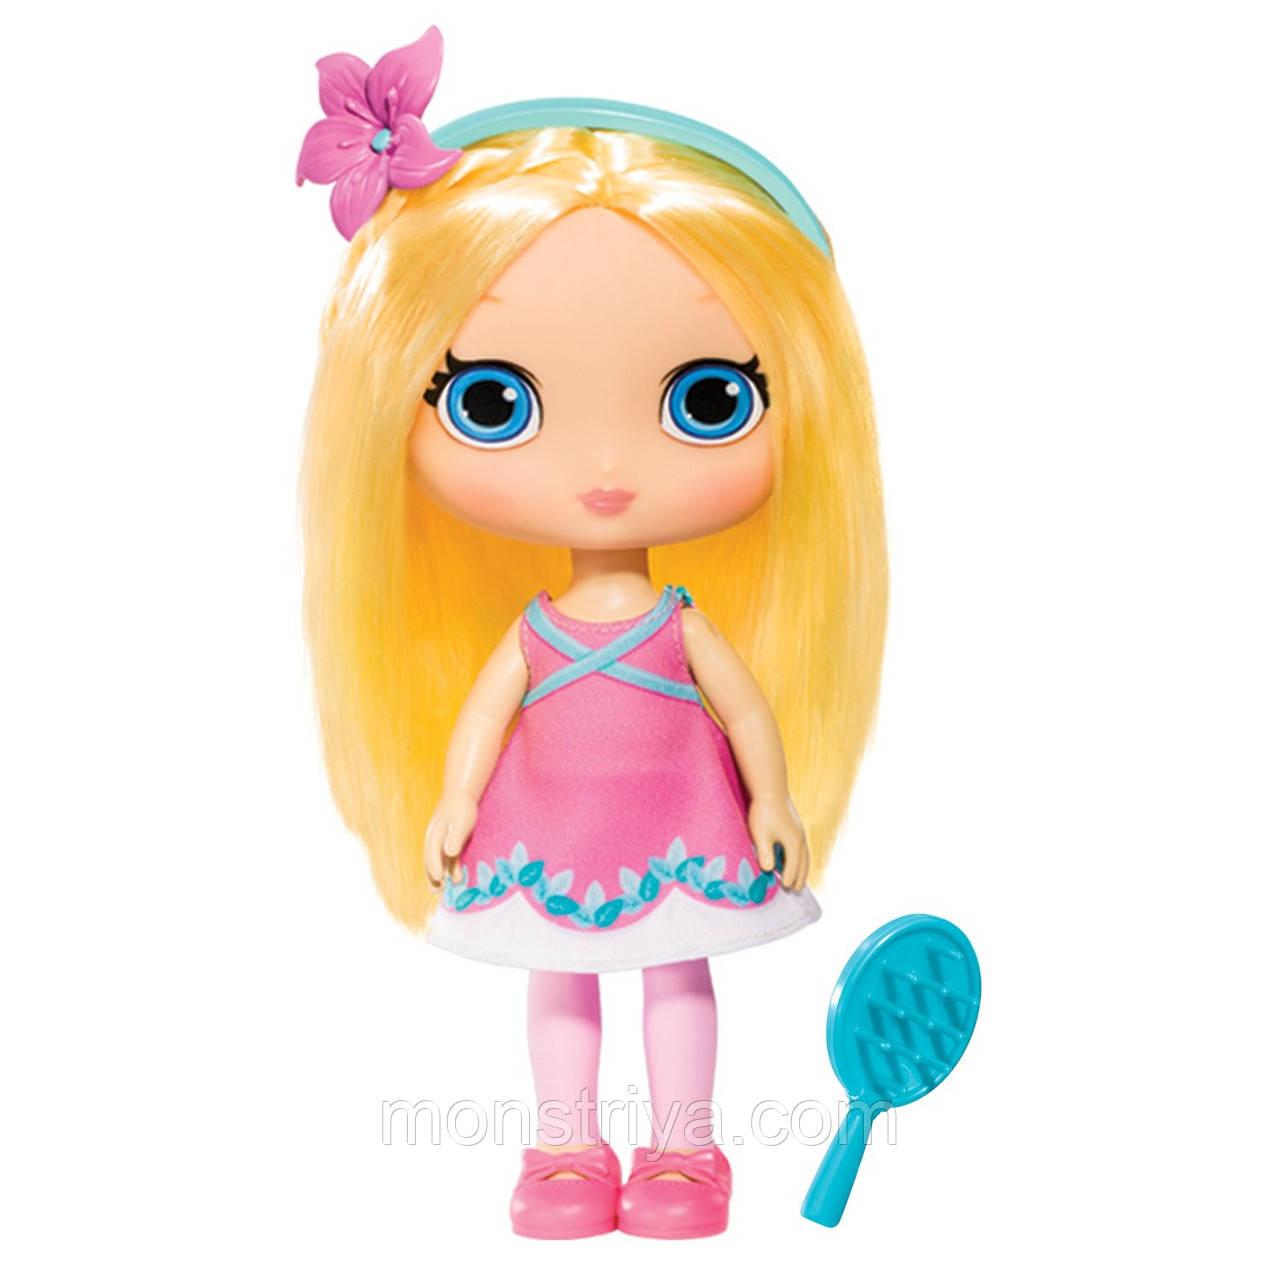 Кукла Литтл Чармерс - Поузи Little Charmers